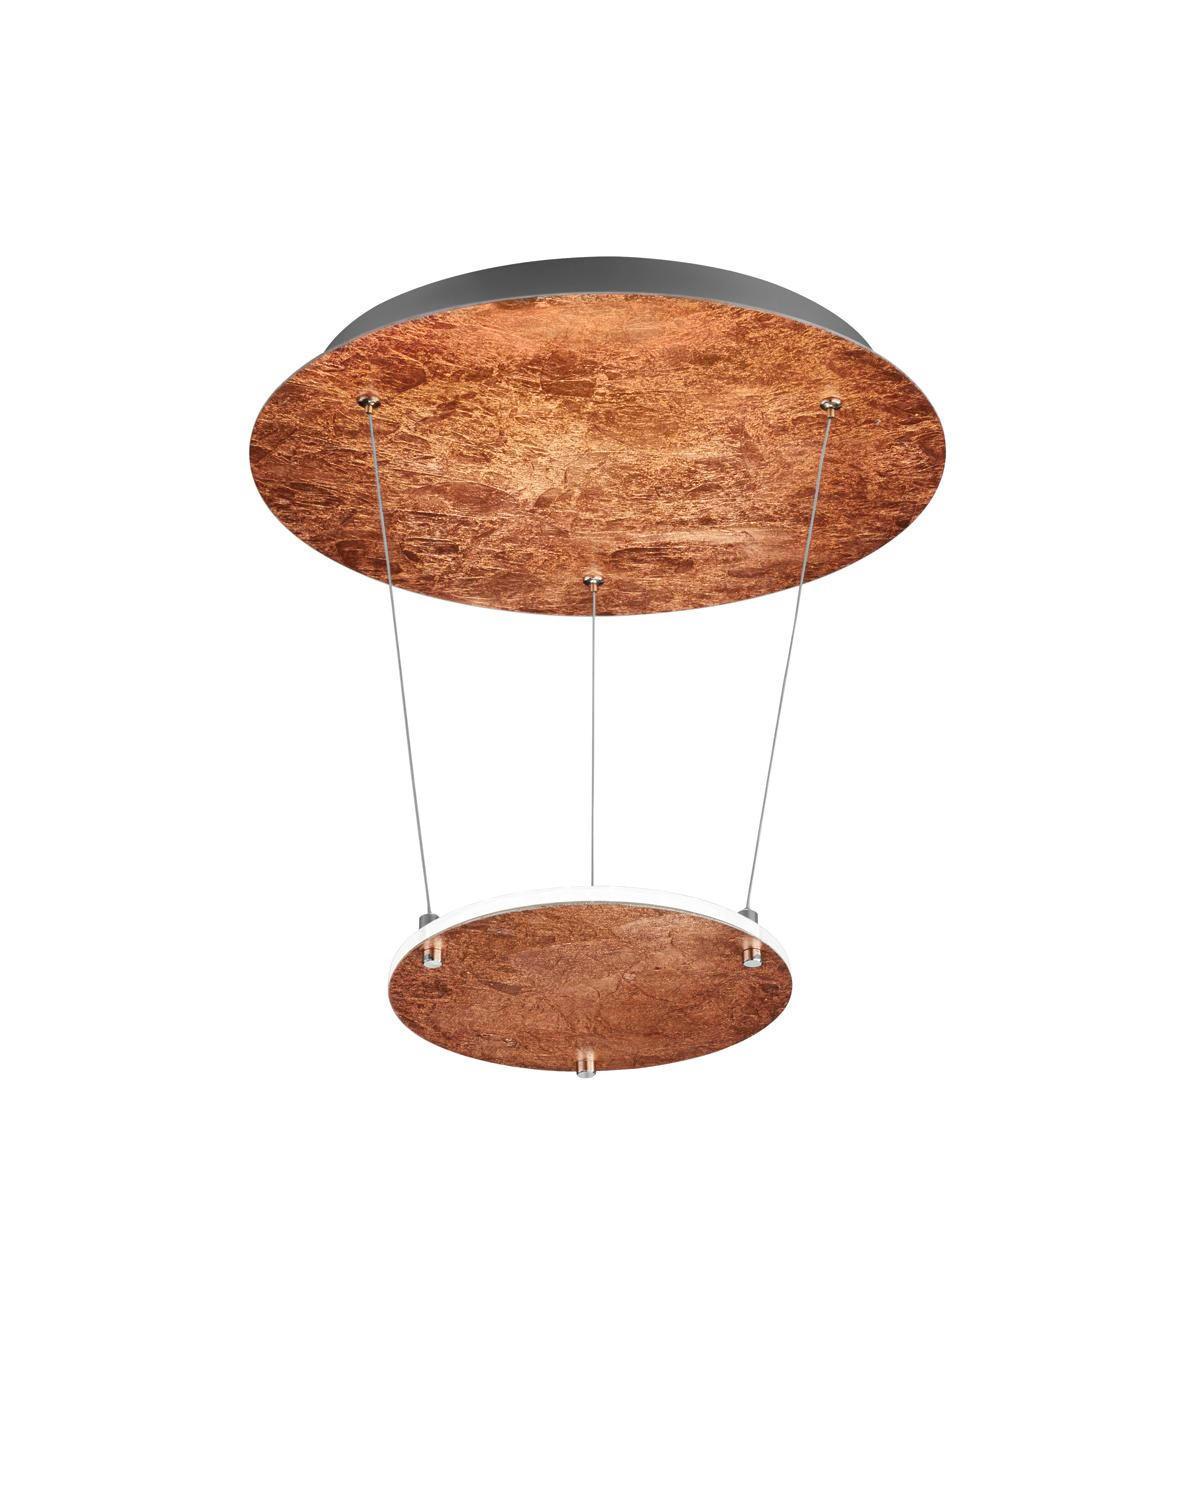 LED-HÄNGELEUCHTE - Kupferfarben, Design, Metall (36,0/50,0cm)